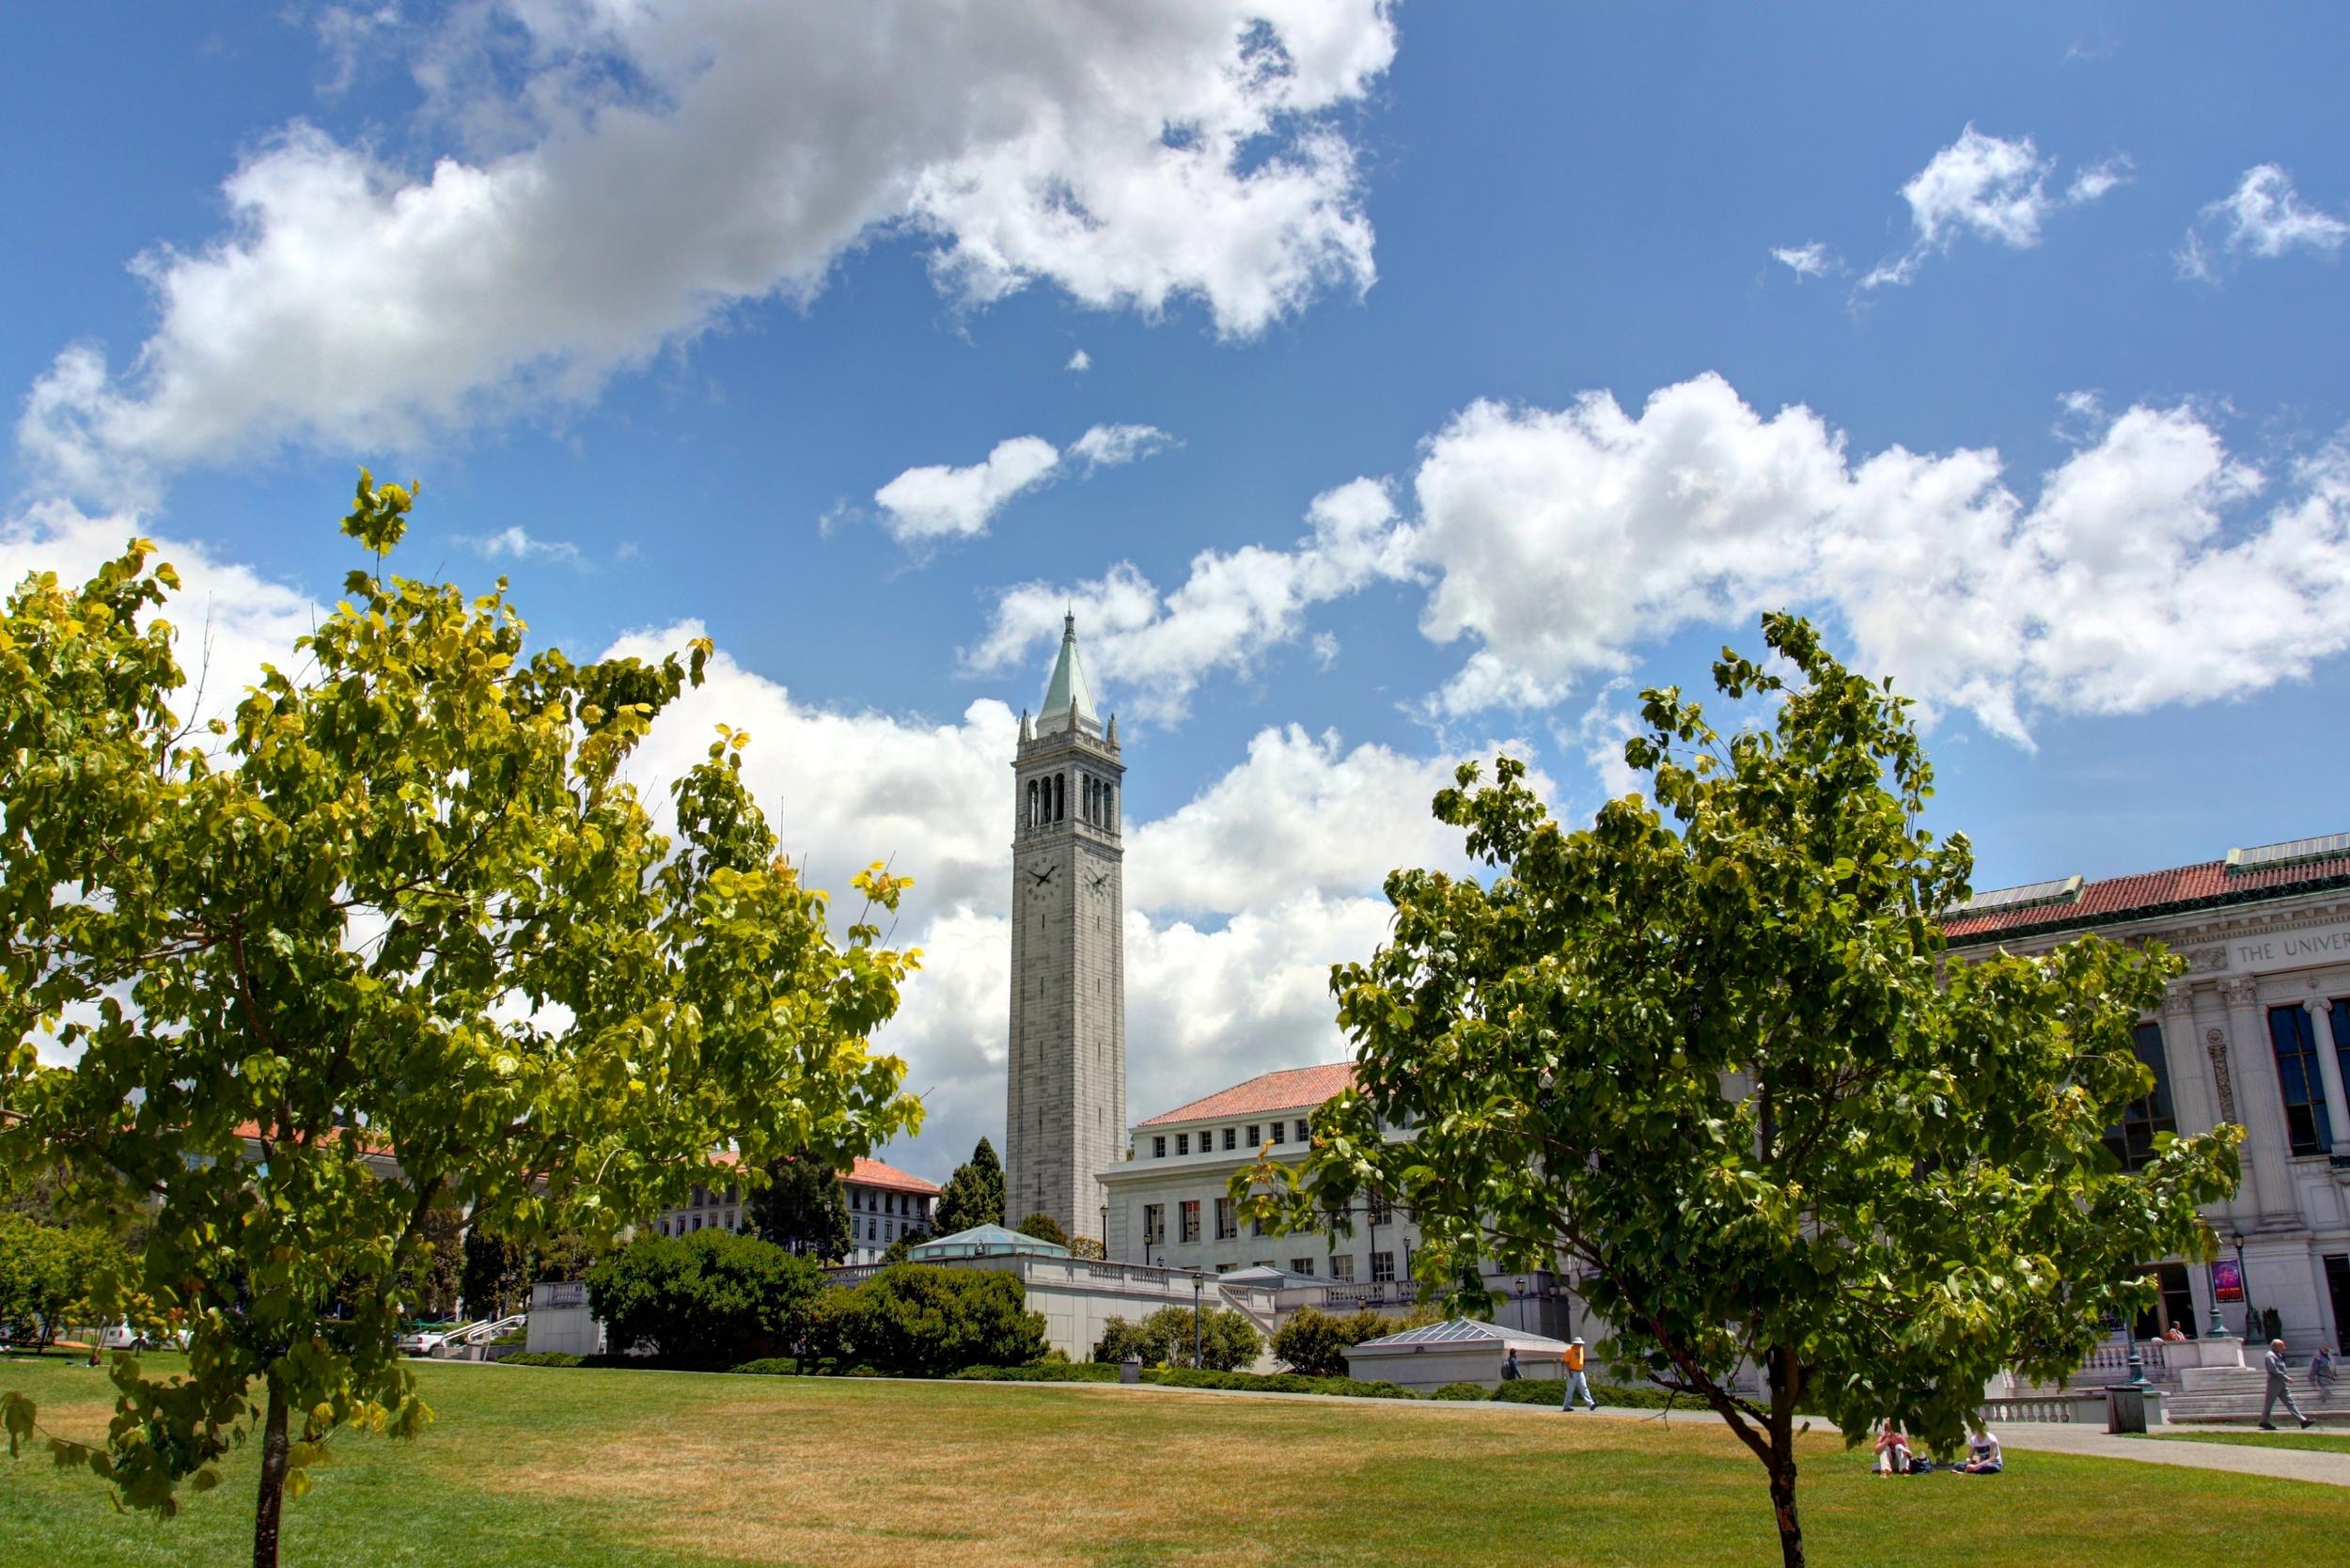 UC BERKELEY (Credit: John Morgan)